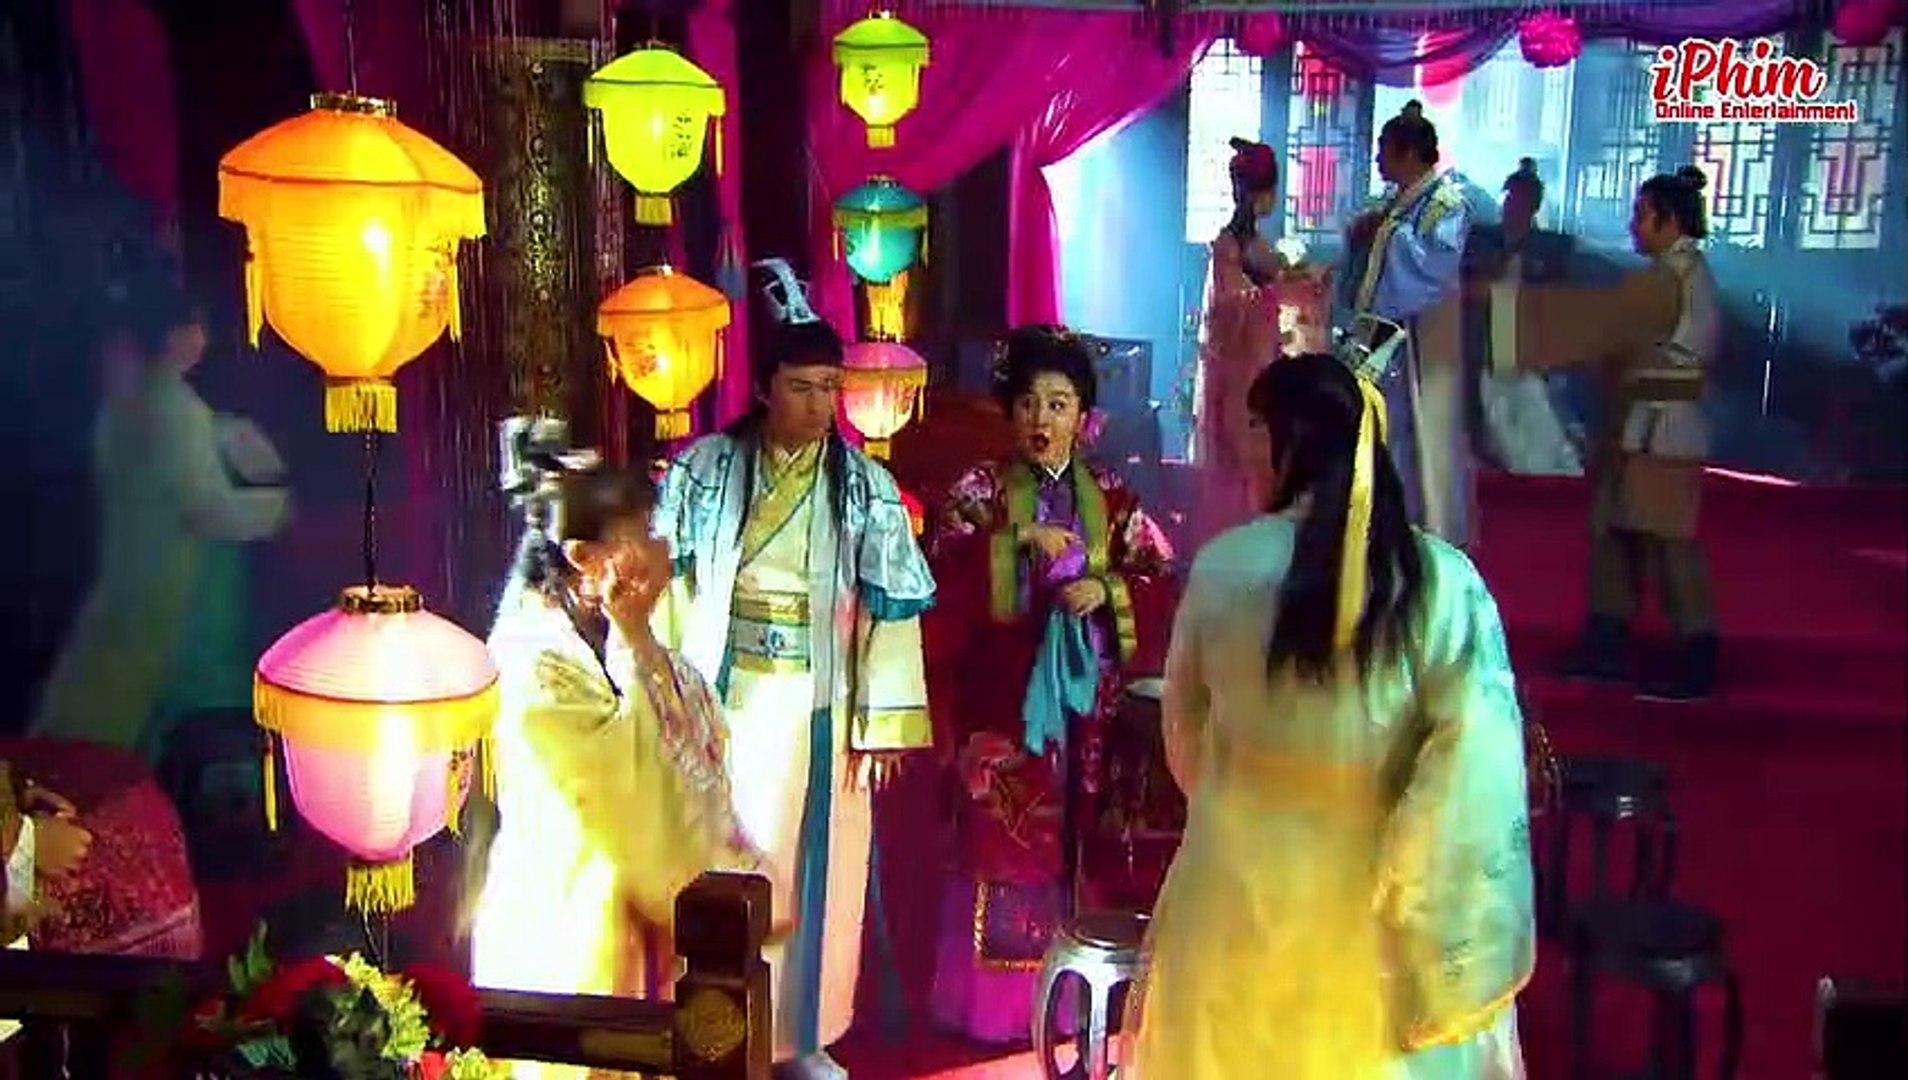 CHÂN MỆNH THIÊN TỬ Tập 58 - Phim Hay 2019 - Phim Võ Thuật Kiếm Hiệp - Cổ Trang Tiên Hiệp